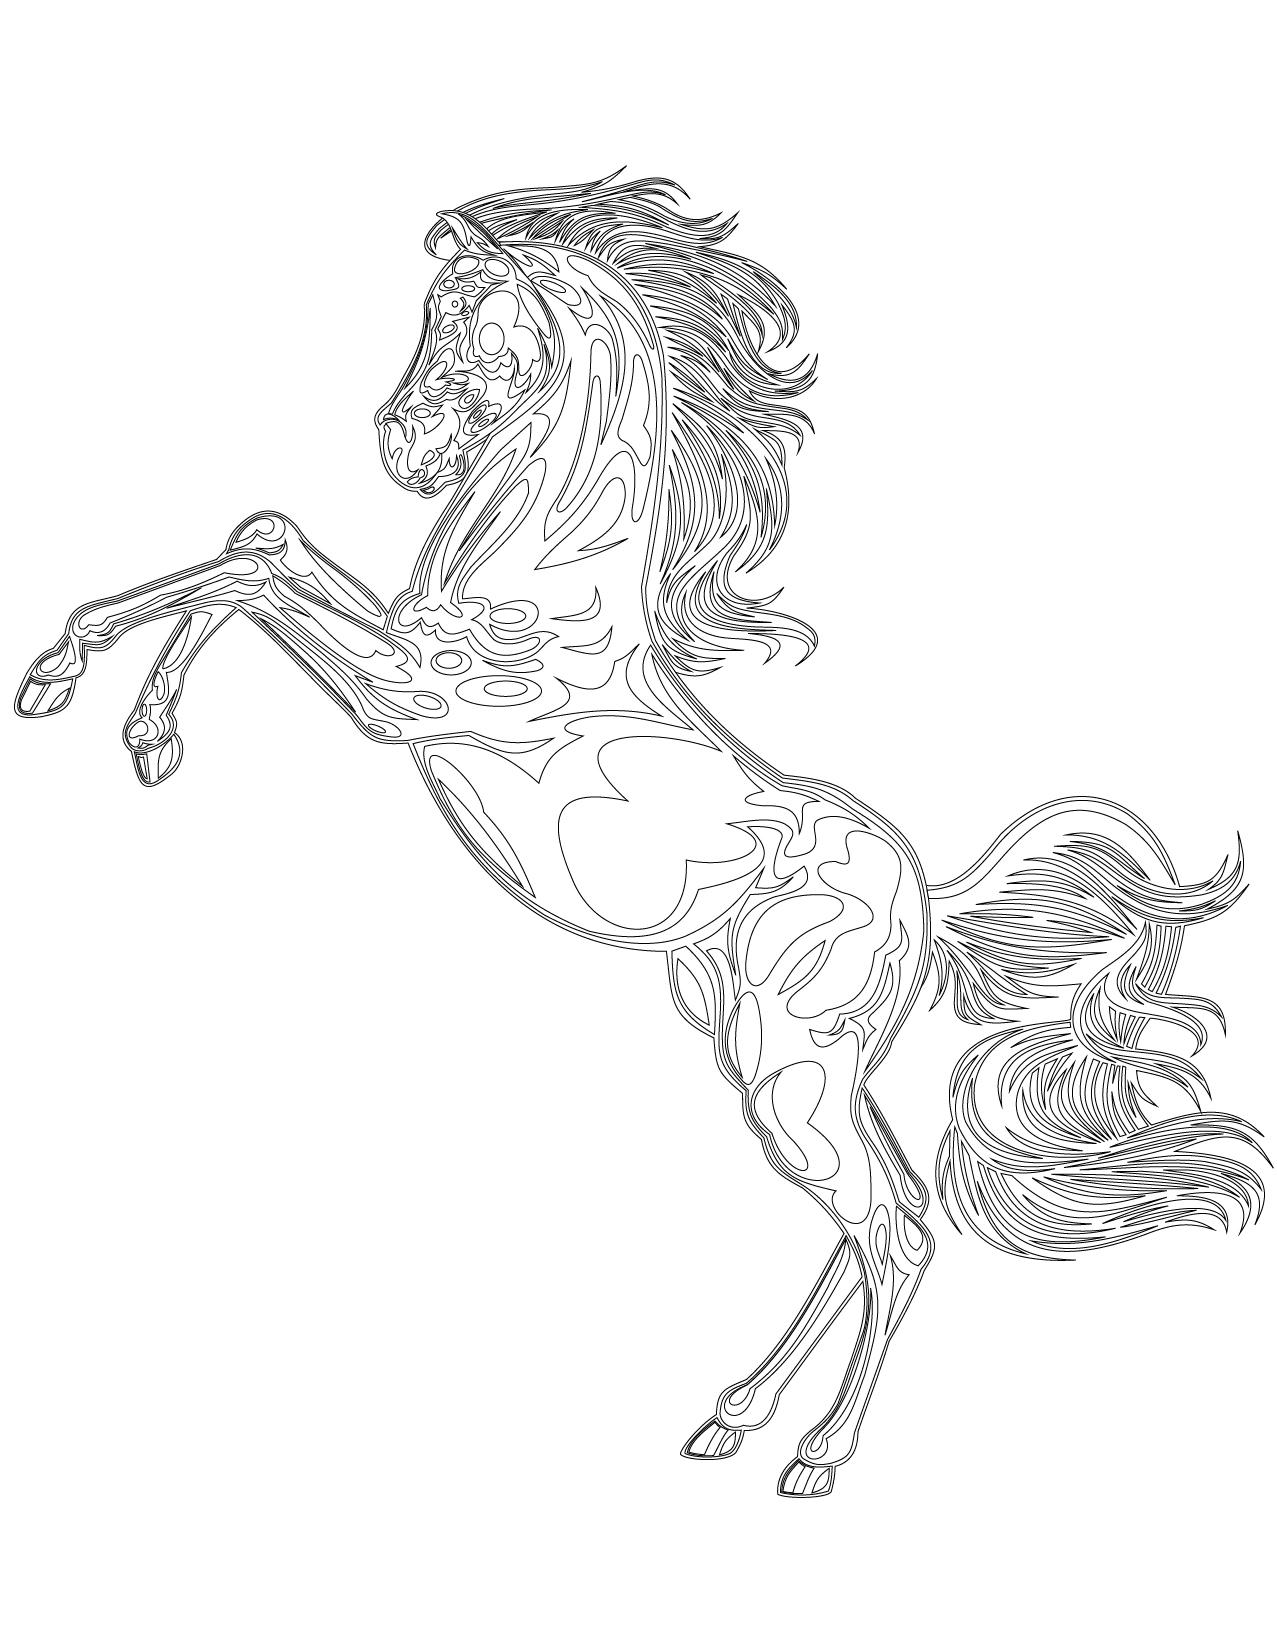 L gant coloriage de10 chevaux en trpeau - Coloriage cheval sauvage ...